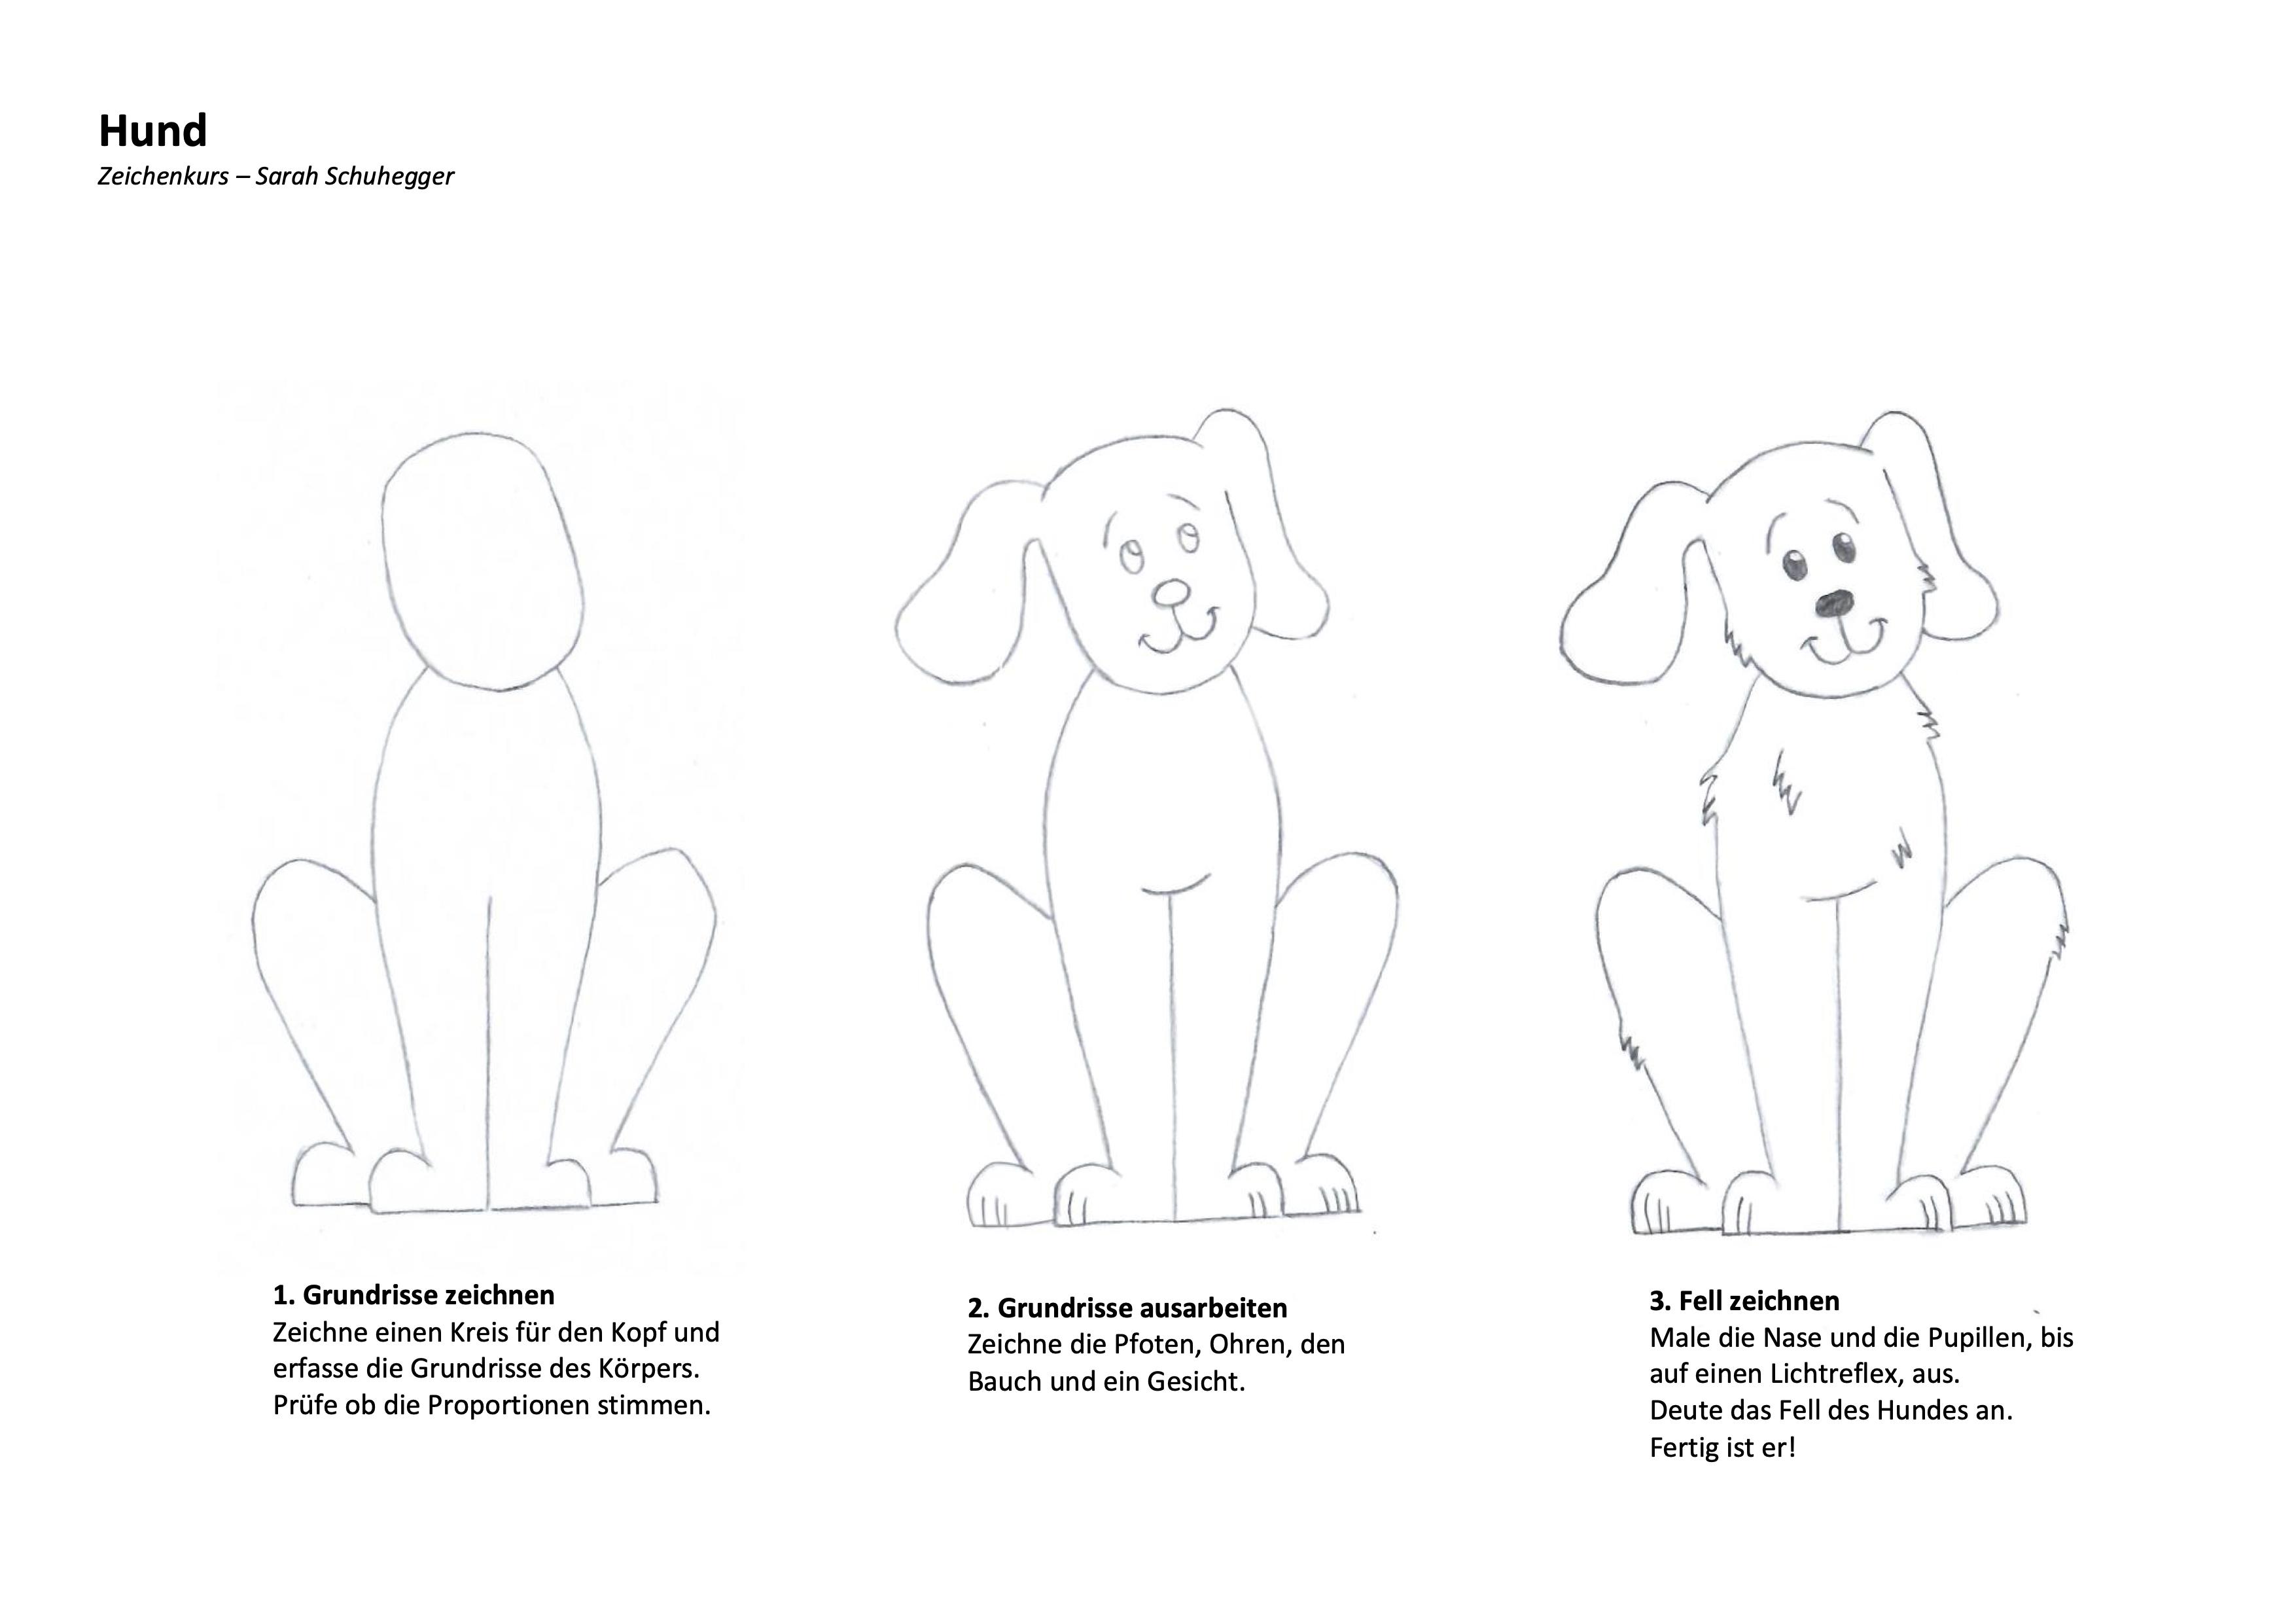 Hund Zeichenanleitung